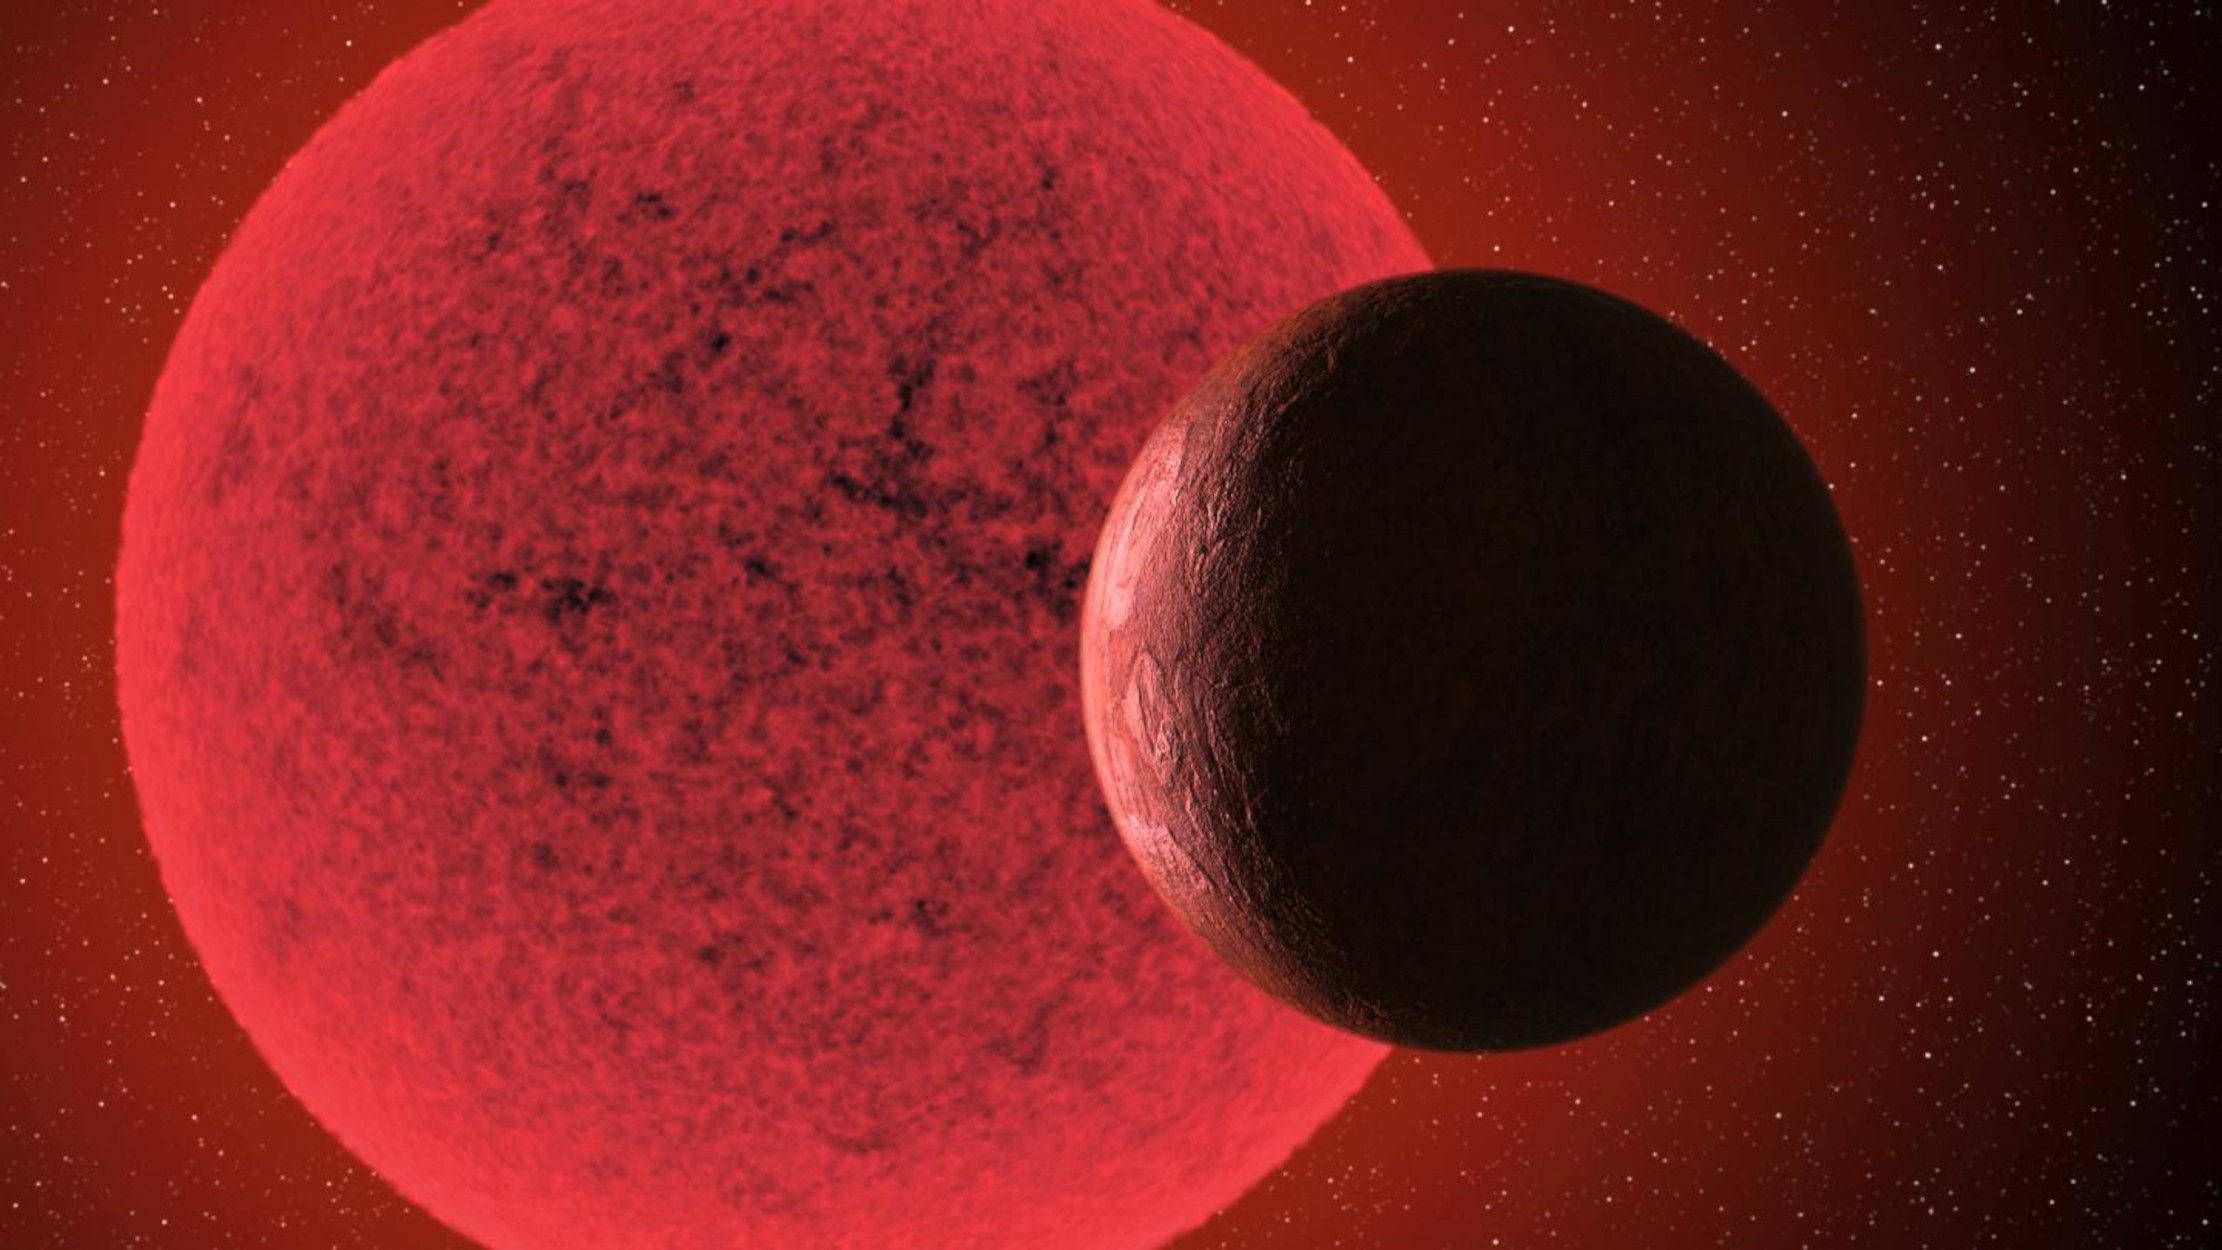 Βρέθηκε άλλη μια «υπερ-Γη» σε κοντινή απόσταση – Γιατί προσελκύει το ενδιαφέρων των αστροφυσικών